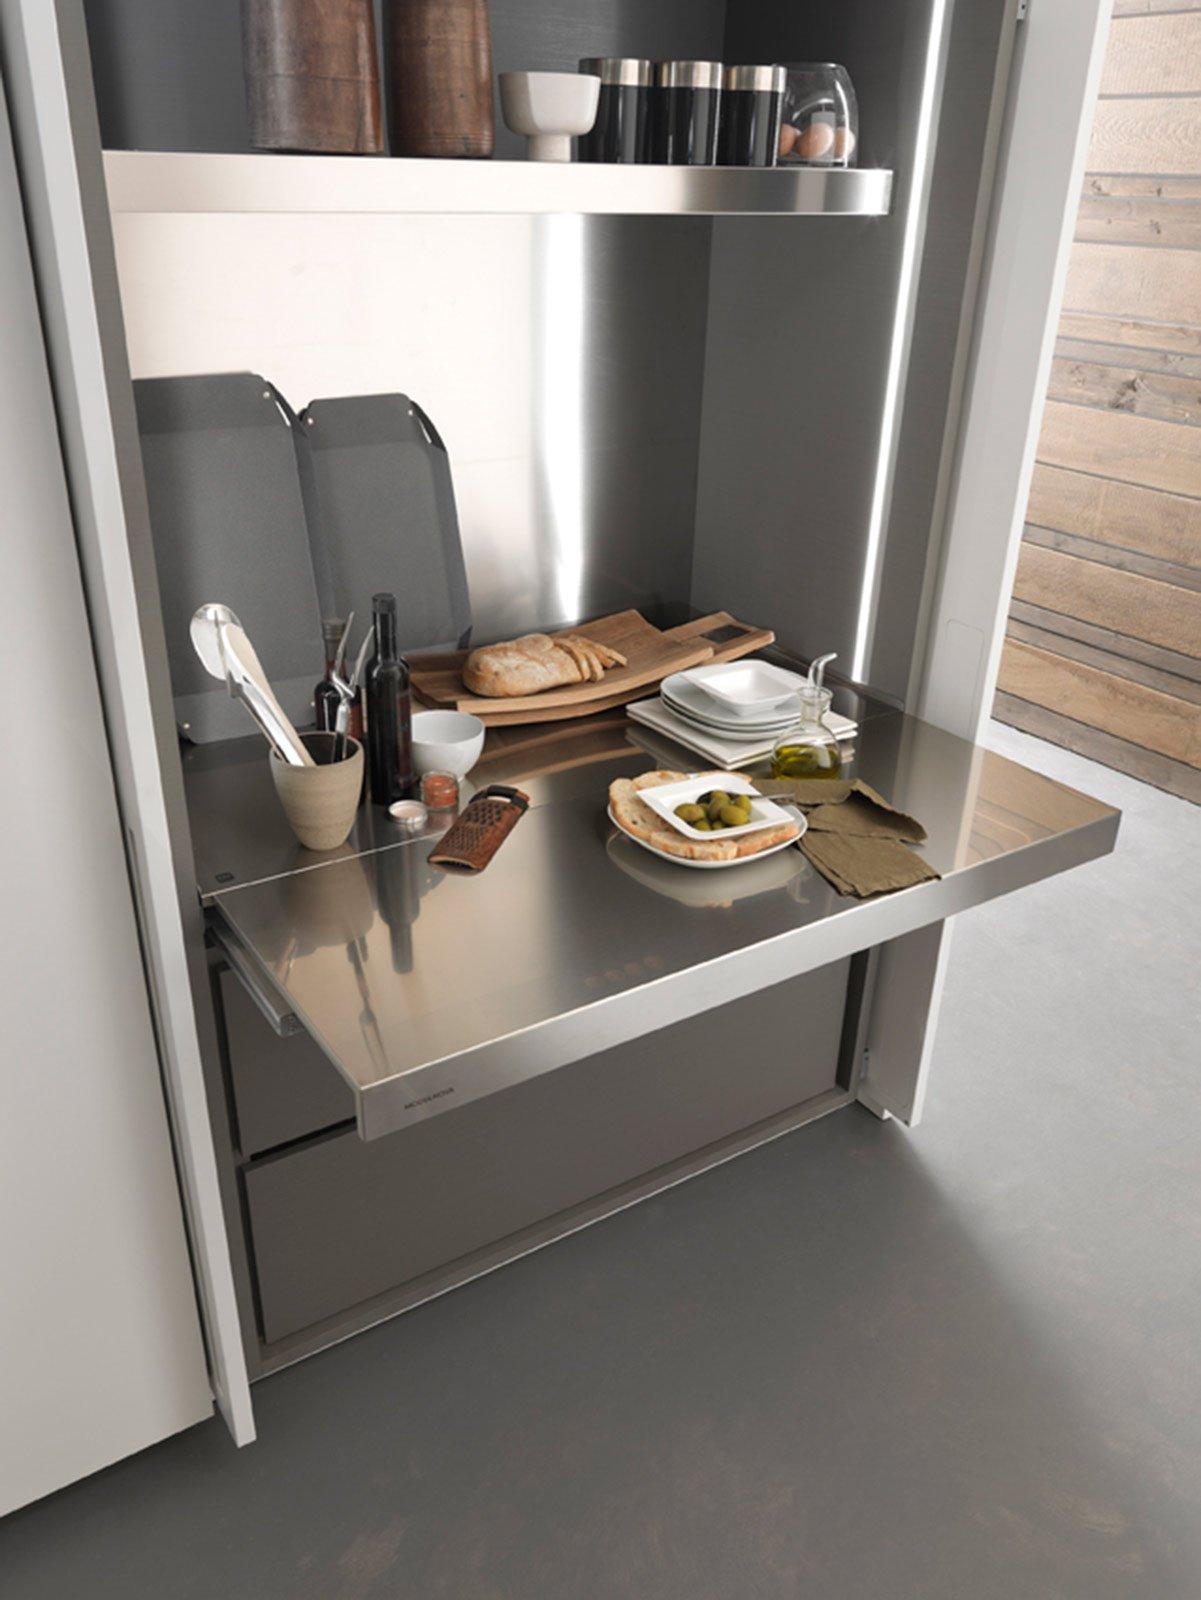 Funzionalit in cucina con le attrezzature giuste cose for Piani di cucina con dispensa maggiordomo